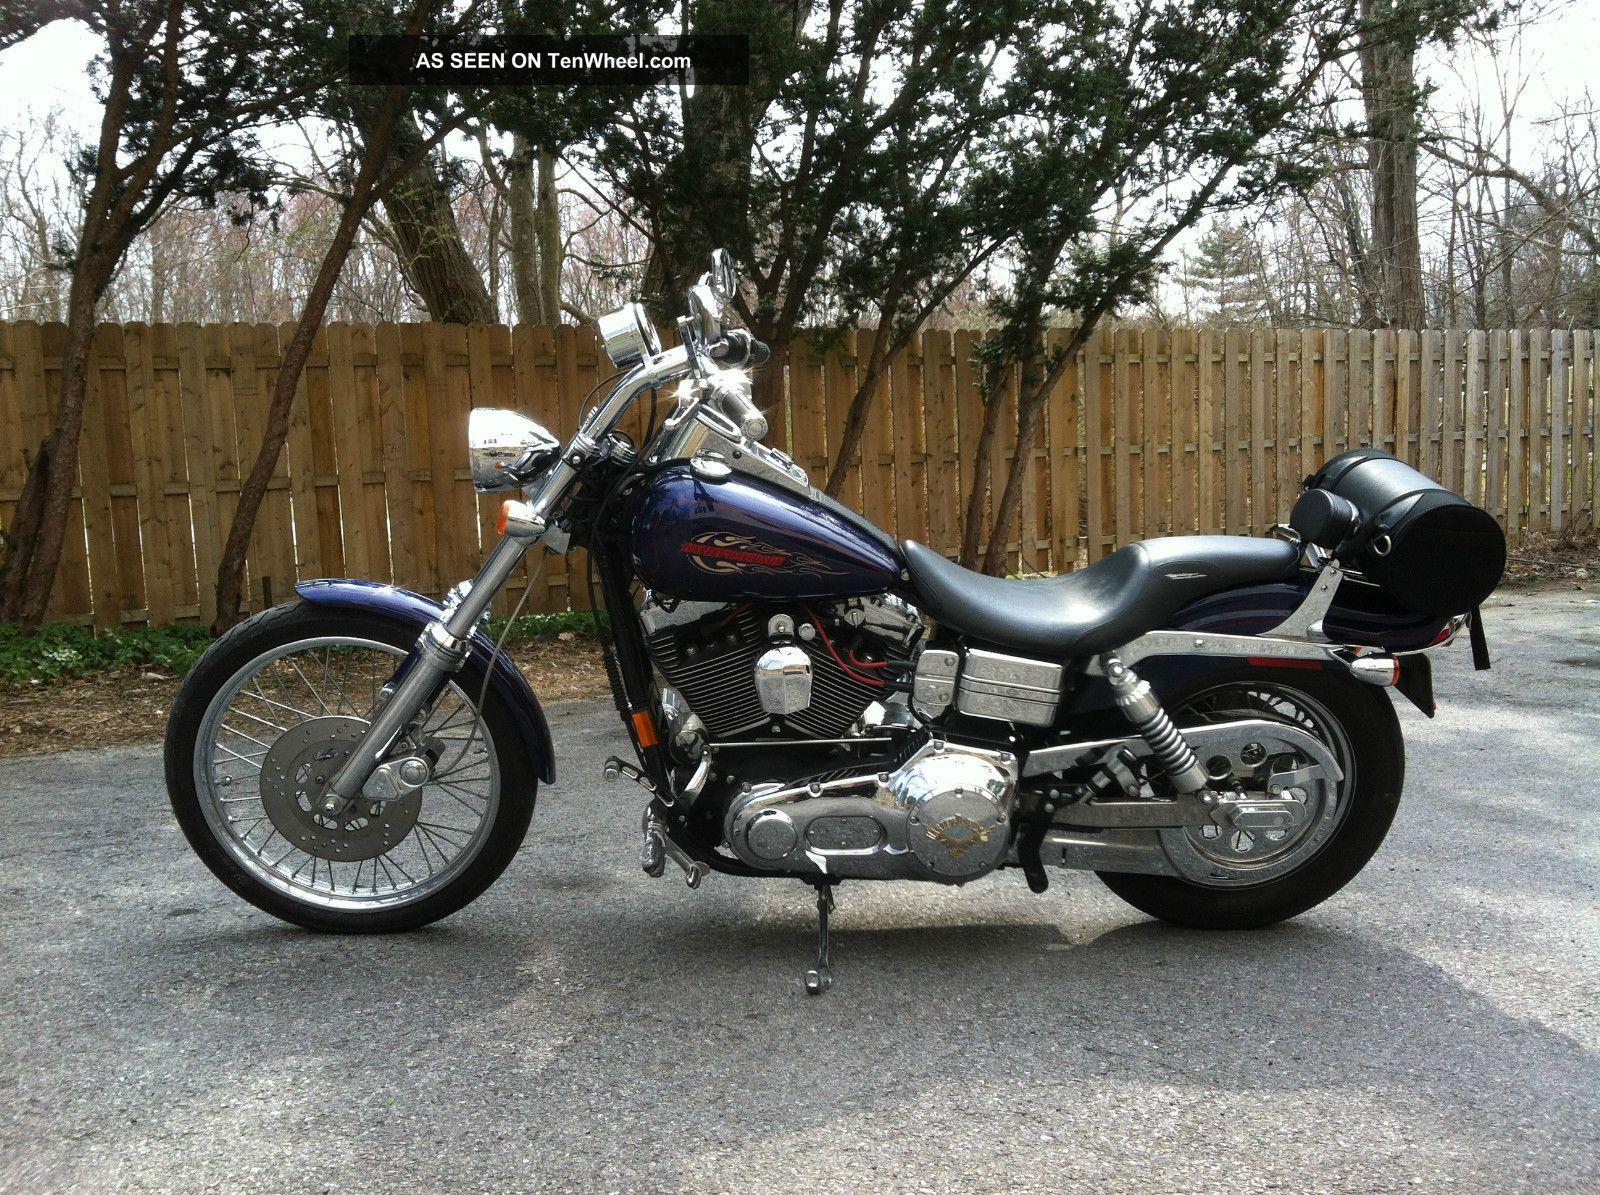 1999 Harley Davidson Fxdwg Dyna Wide Glide Cobalt Blue